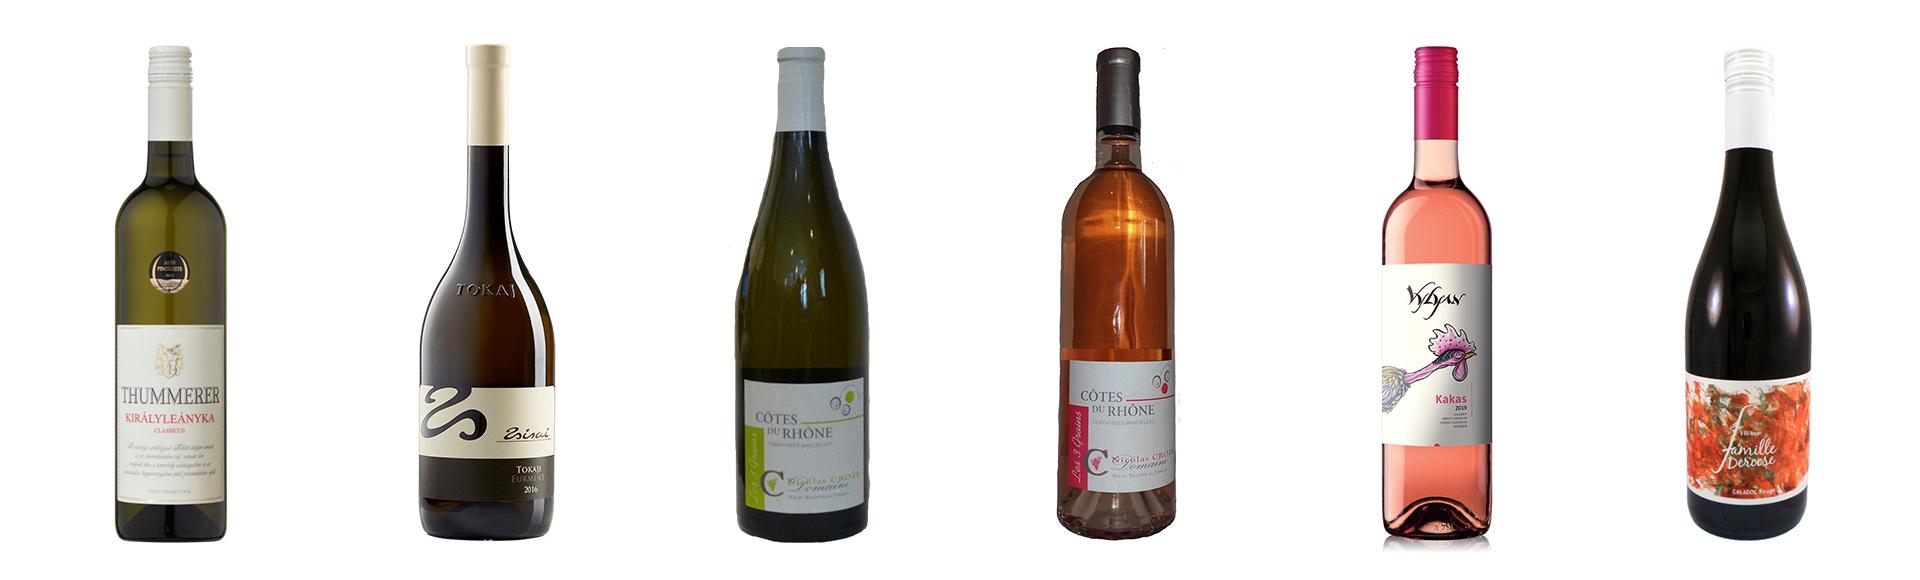 Colis vins de beau temps n° 2